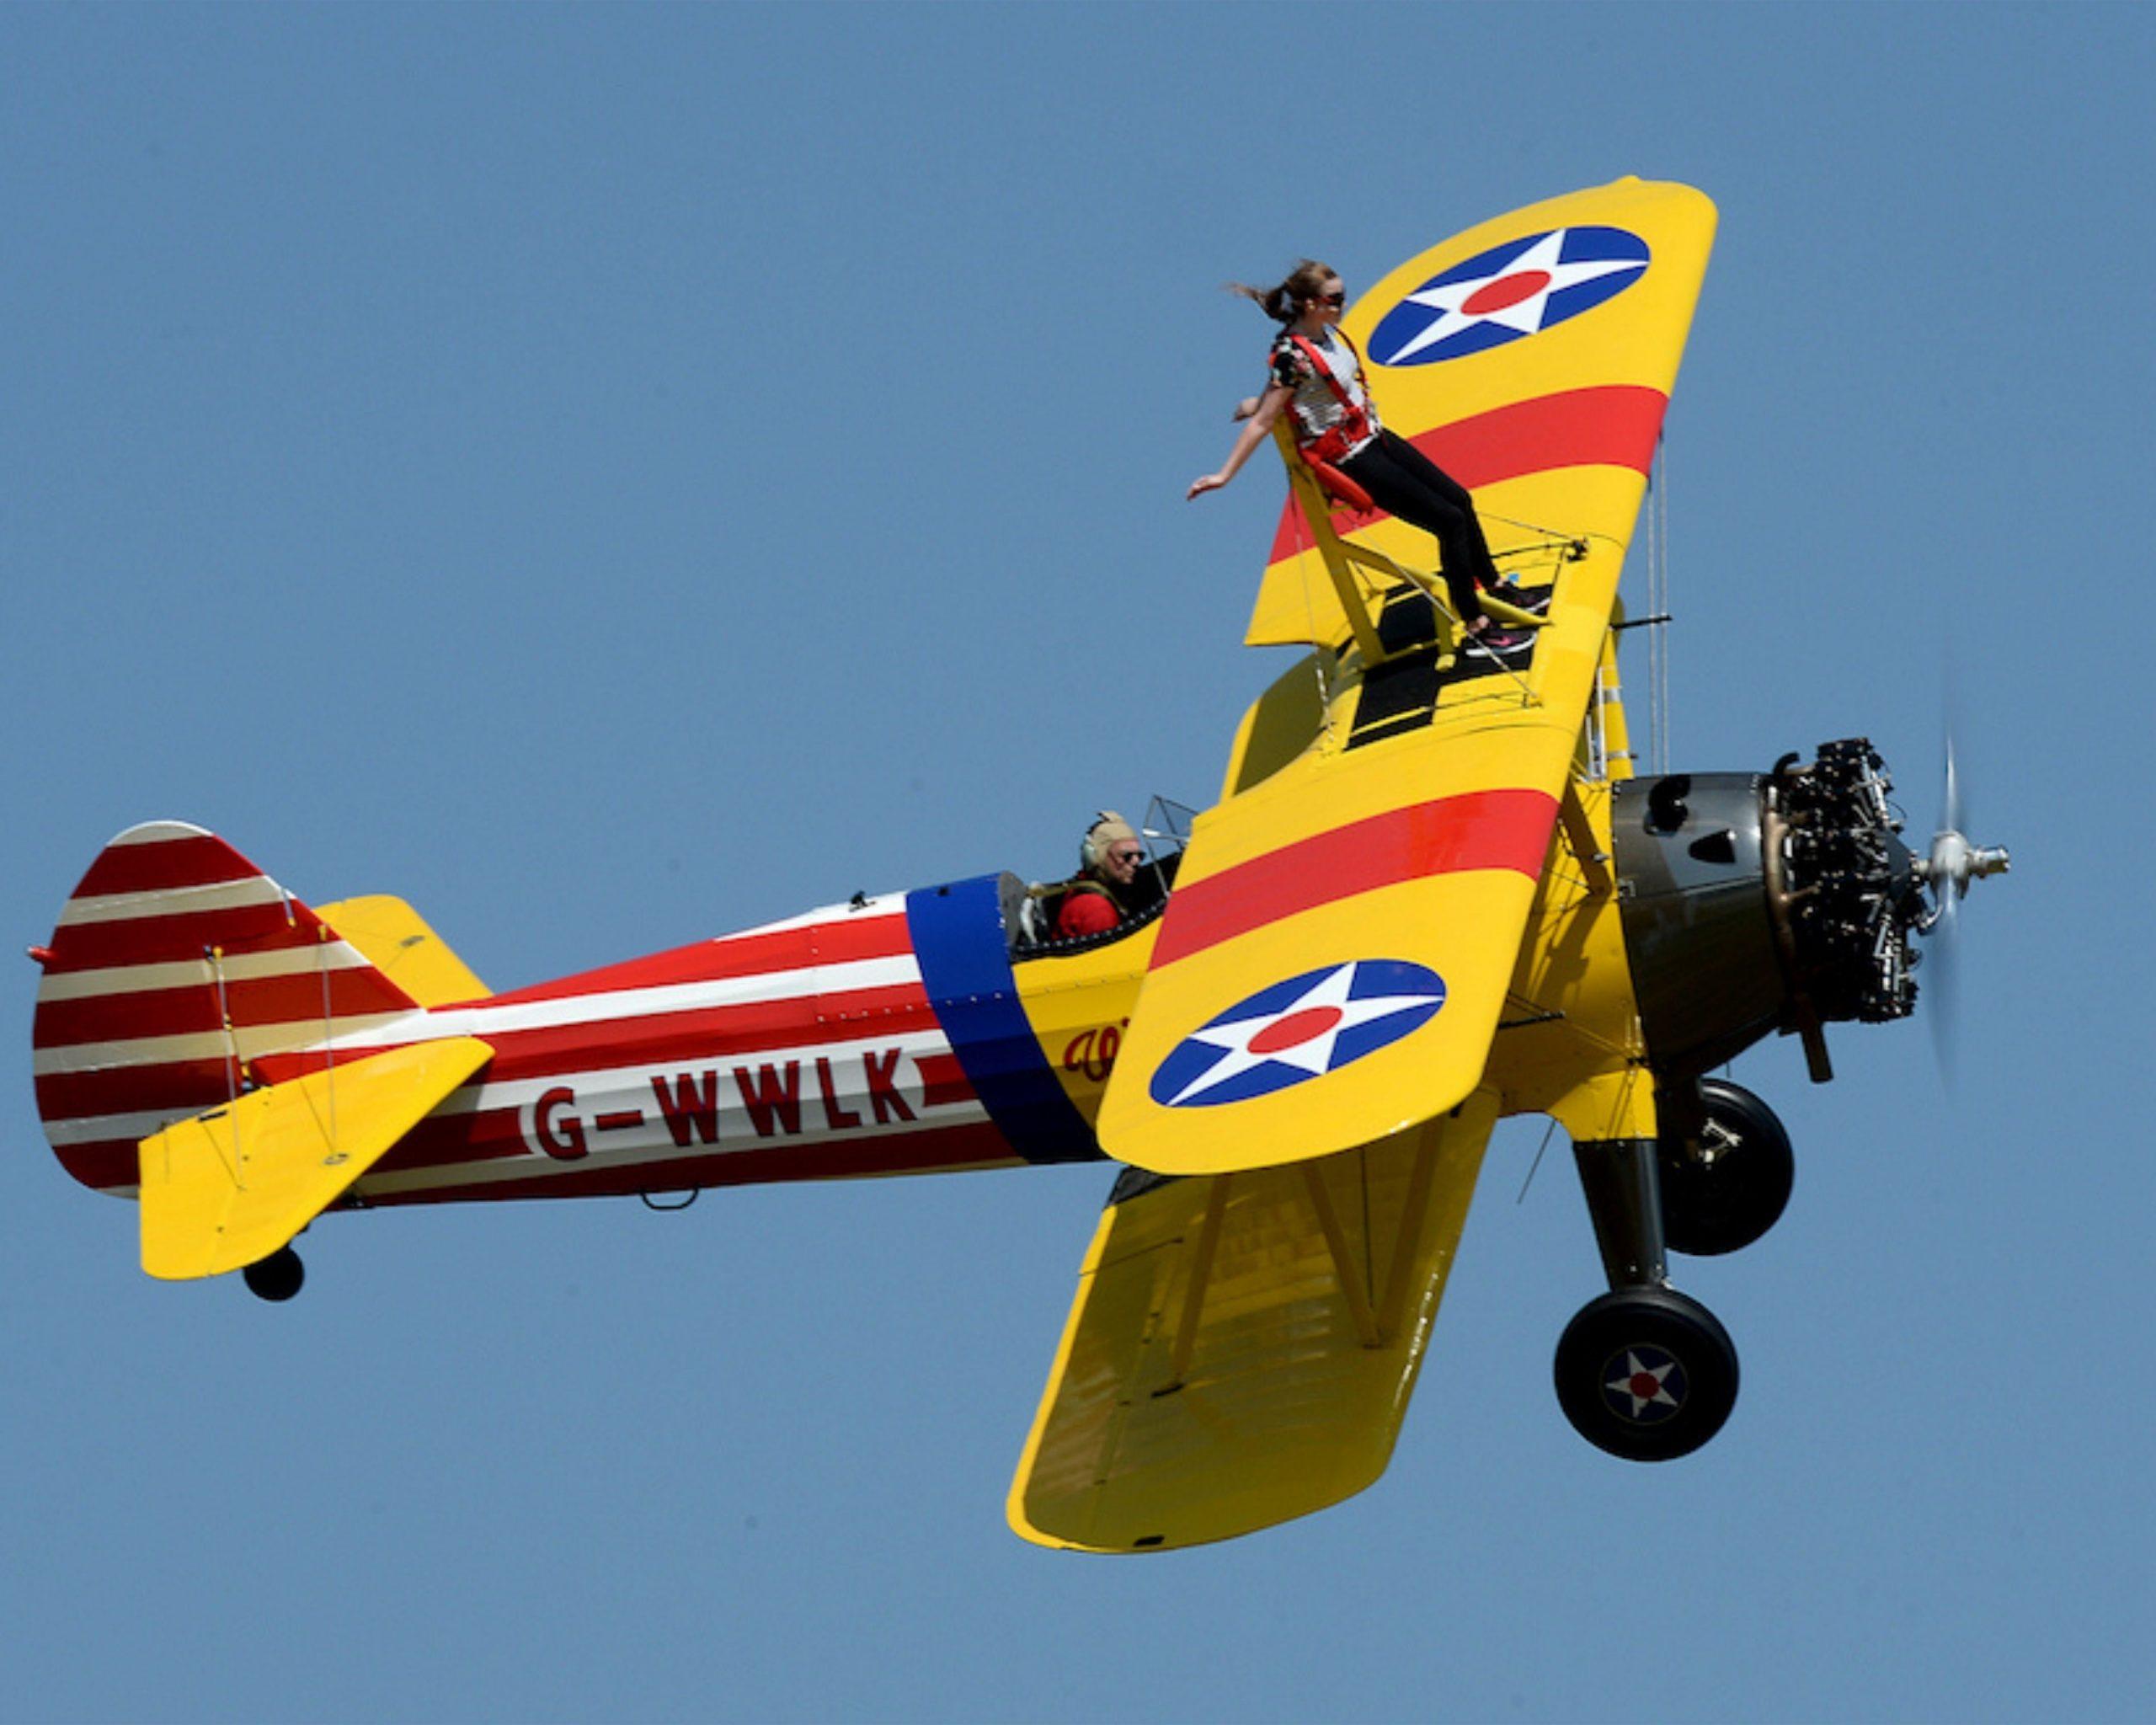 Wing walker on top of biplane wings